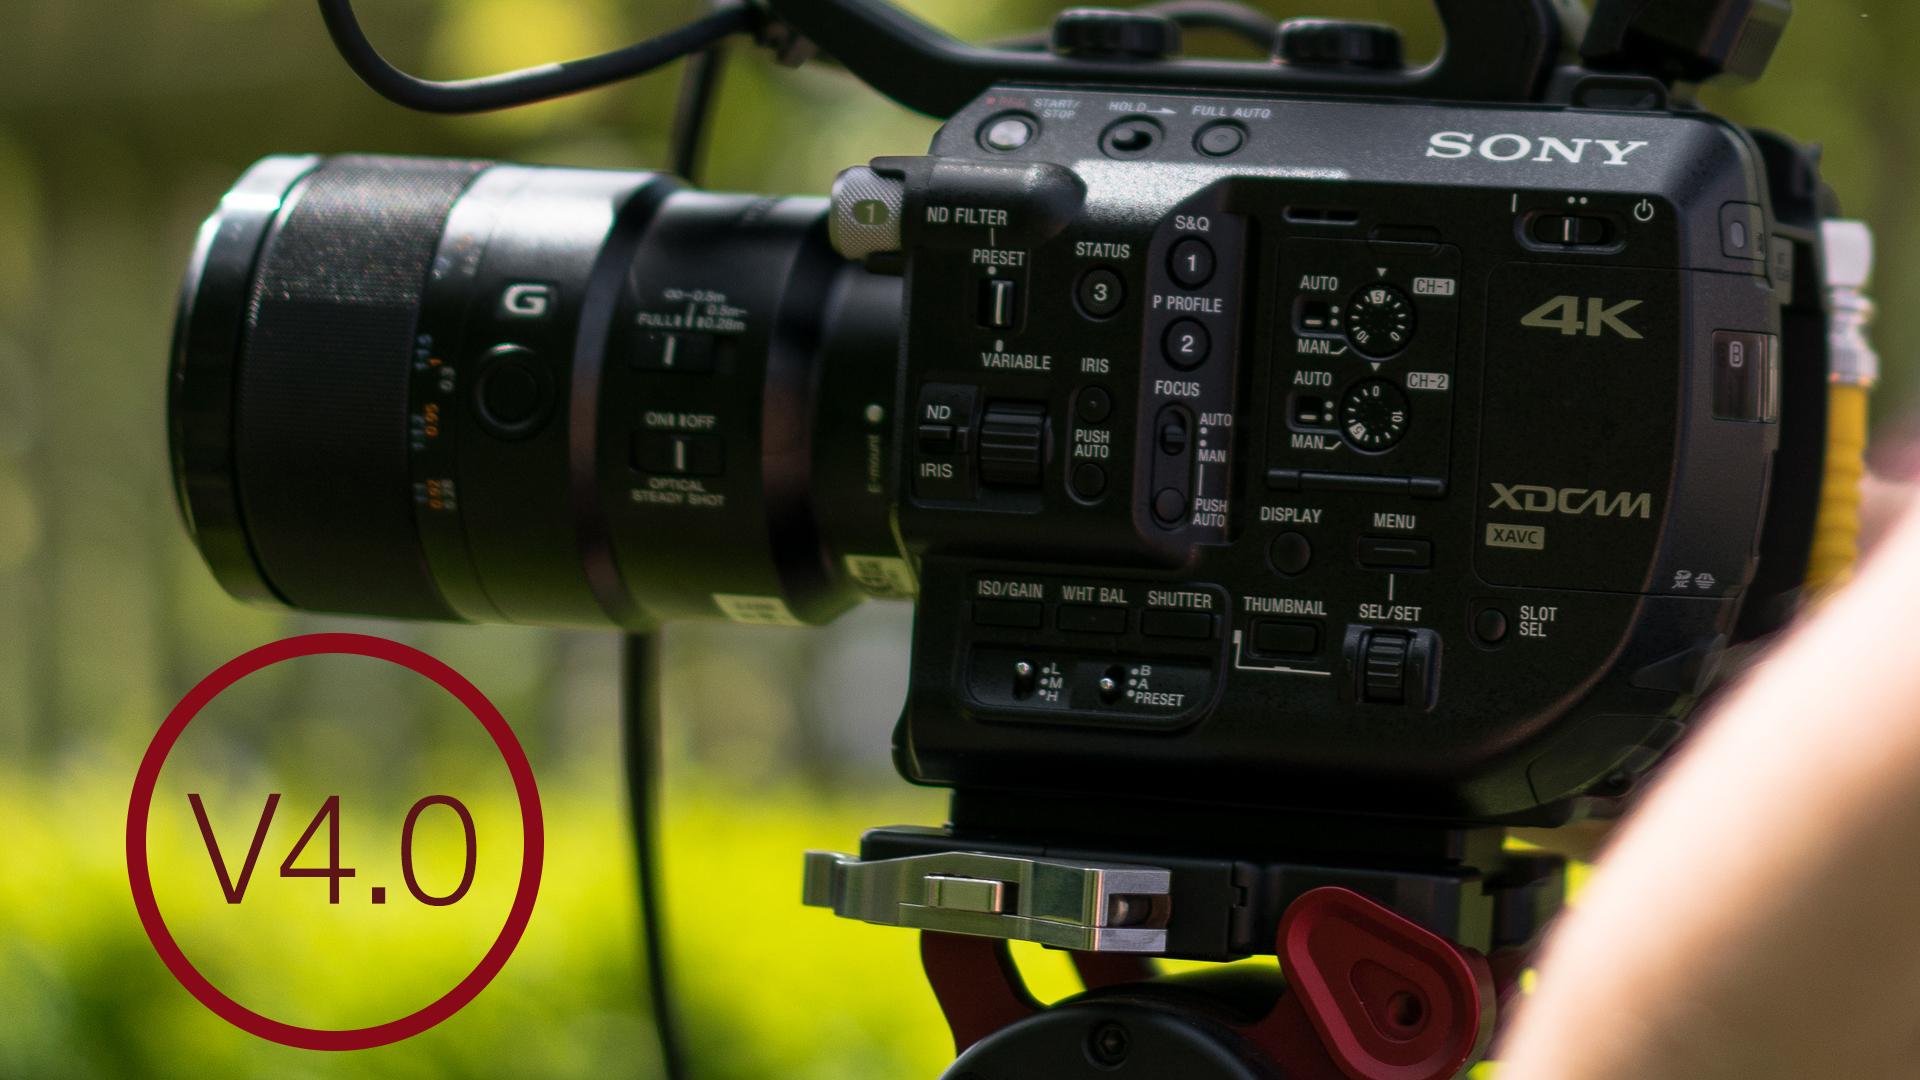 ソニーがFS5ファームウエアをアップデート - HDRやHD120fpsに対応